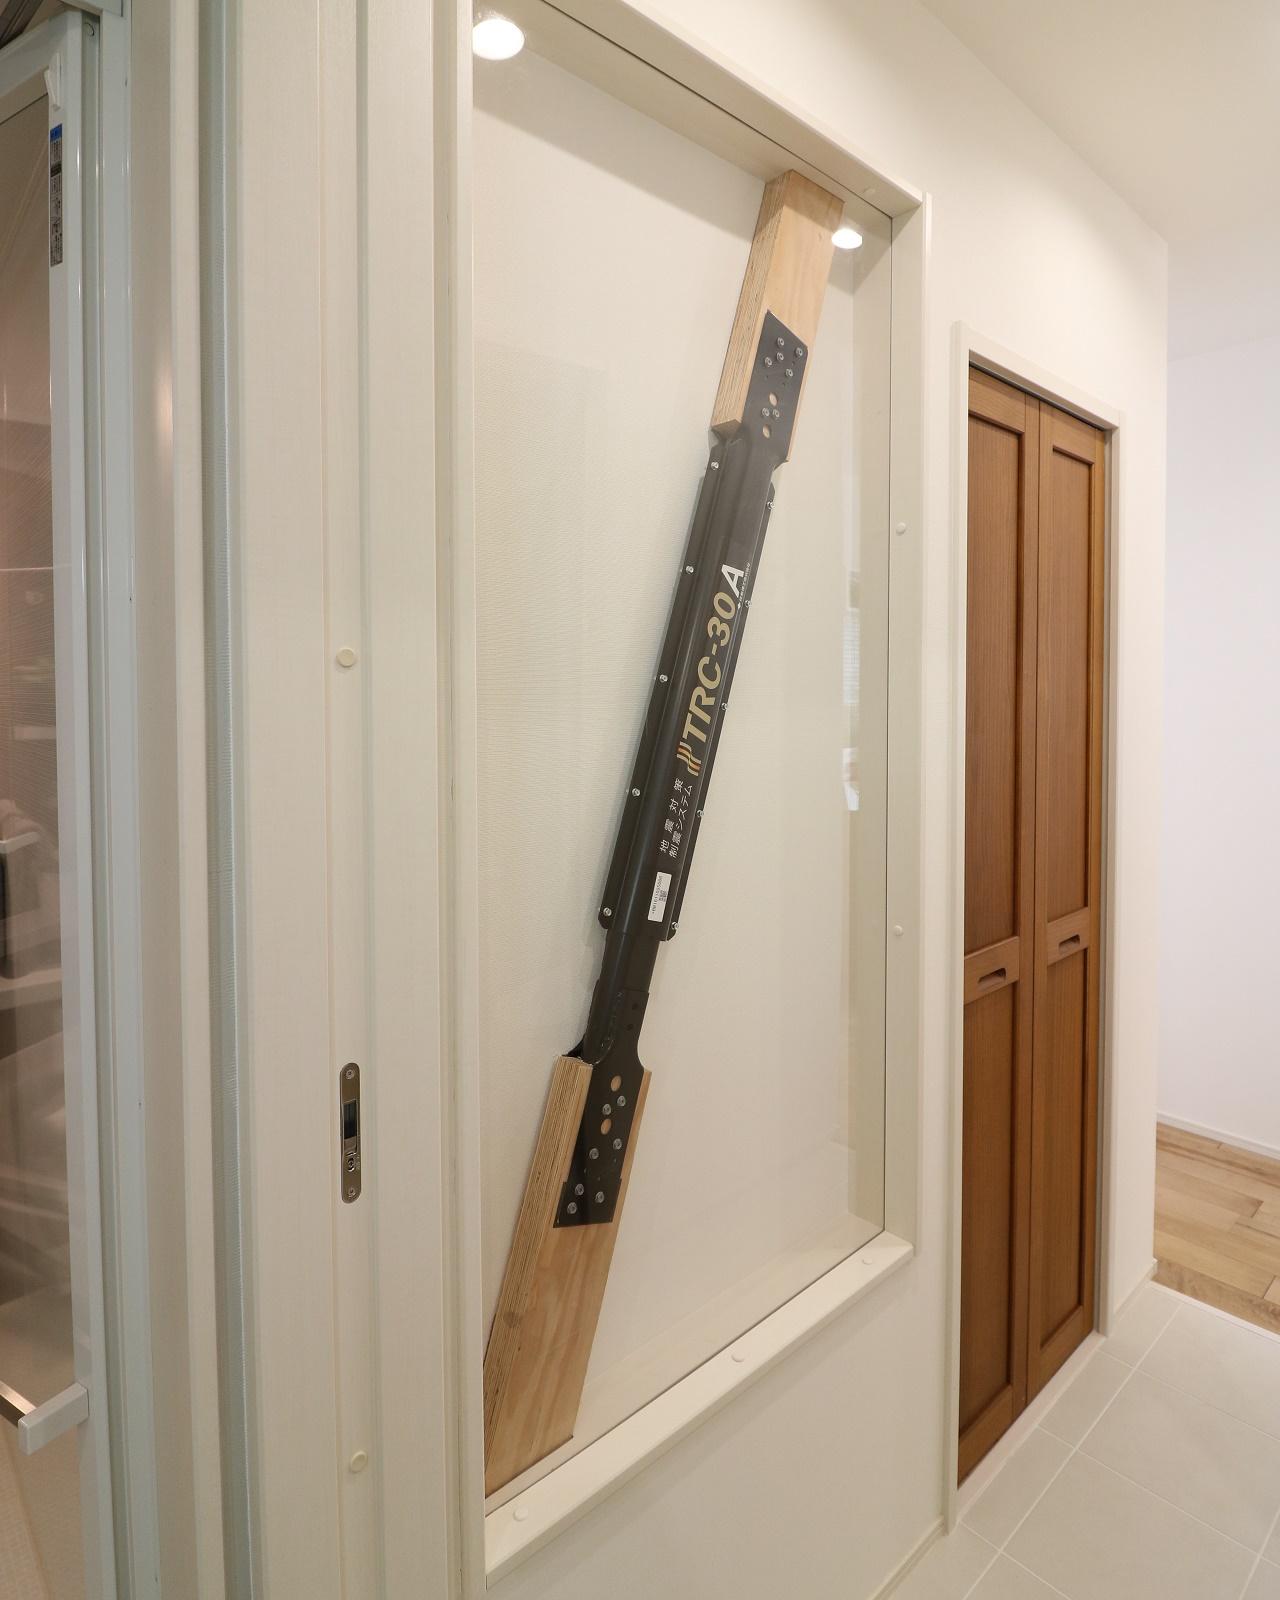 大きな地震の揺れを抑える制振装置を設置。普通は壁で隠れてしまいますが、モデルハウスでは特別に展示しています。